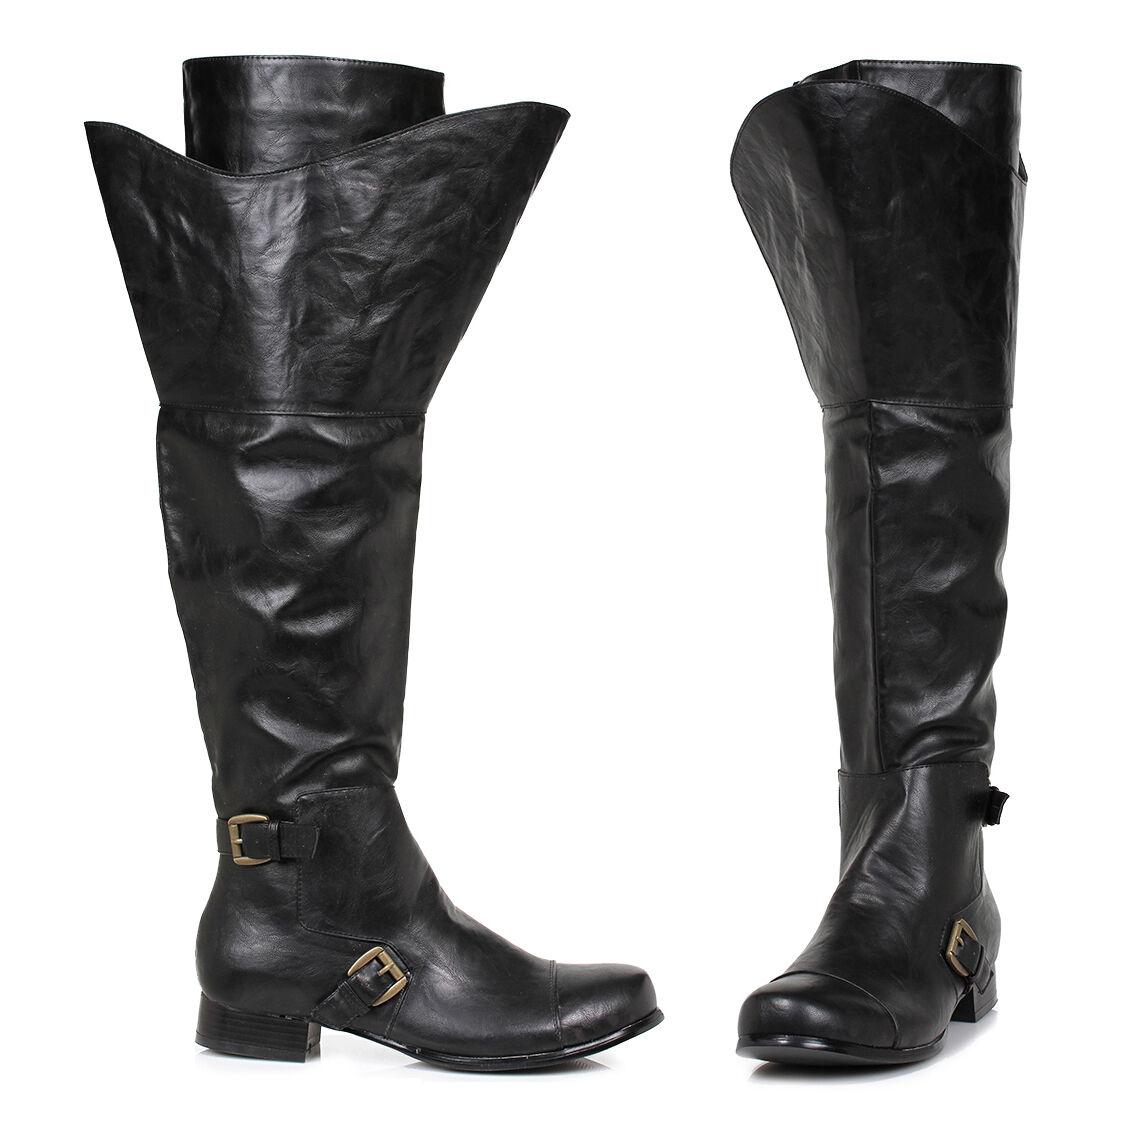 Ellie 121-TRISTIN botas Negro de Hombre Zapatos Boca Ancha hasta la Rodilla